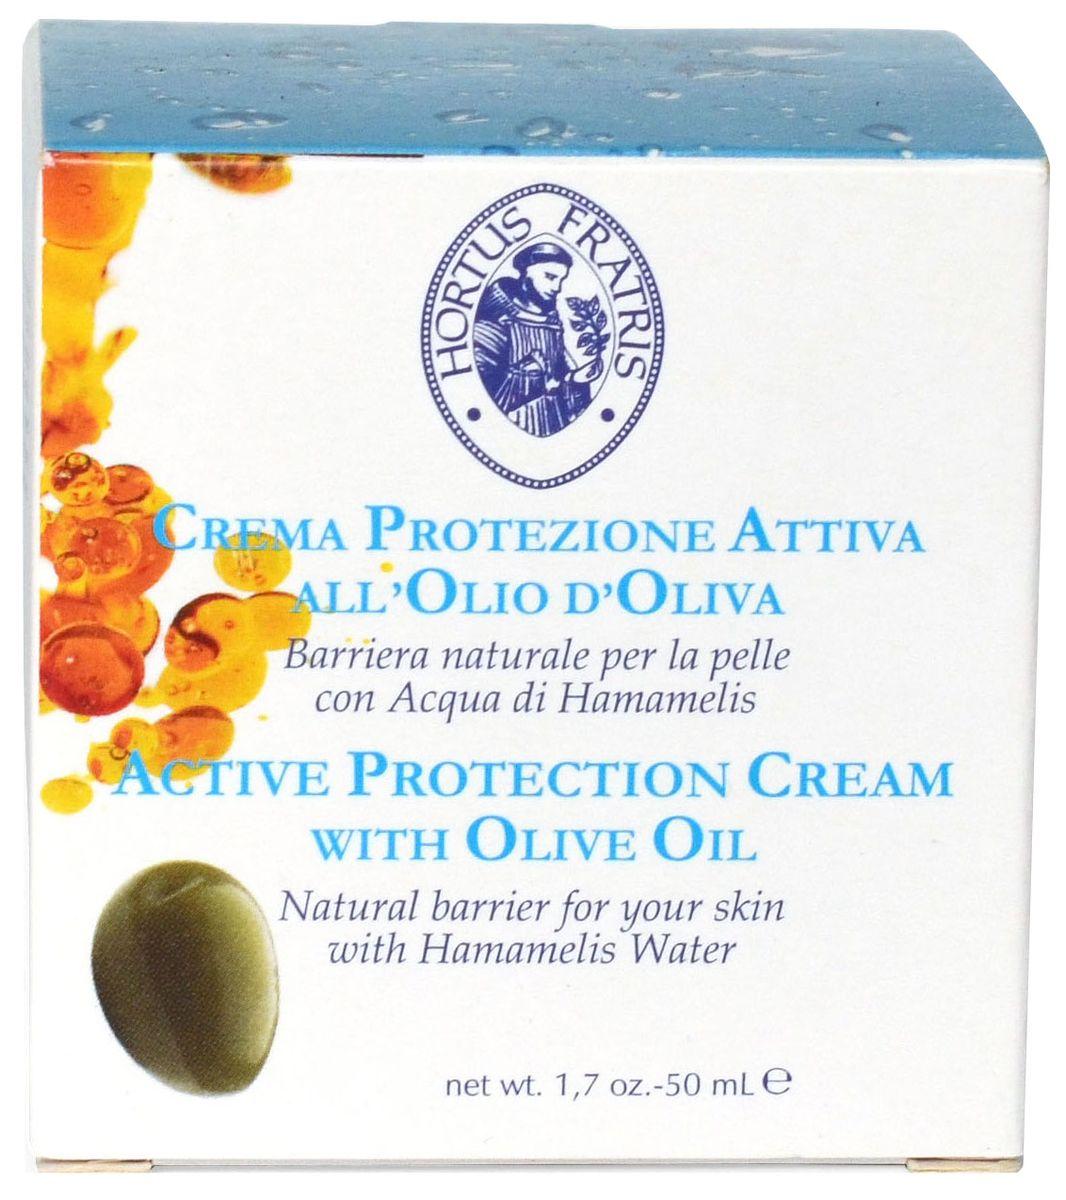 Hortus Fratris крем защитный для лица с оливковым маслом, 50 мл скраб для лица hortus fratris hortus fratris скраб для лица hortus fratris